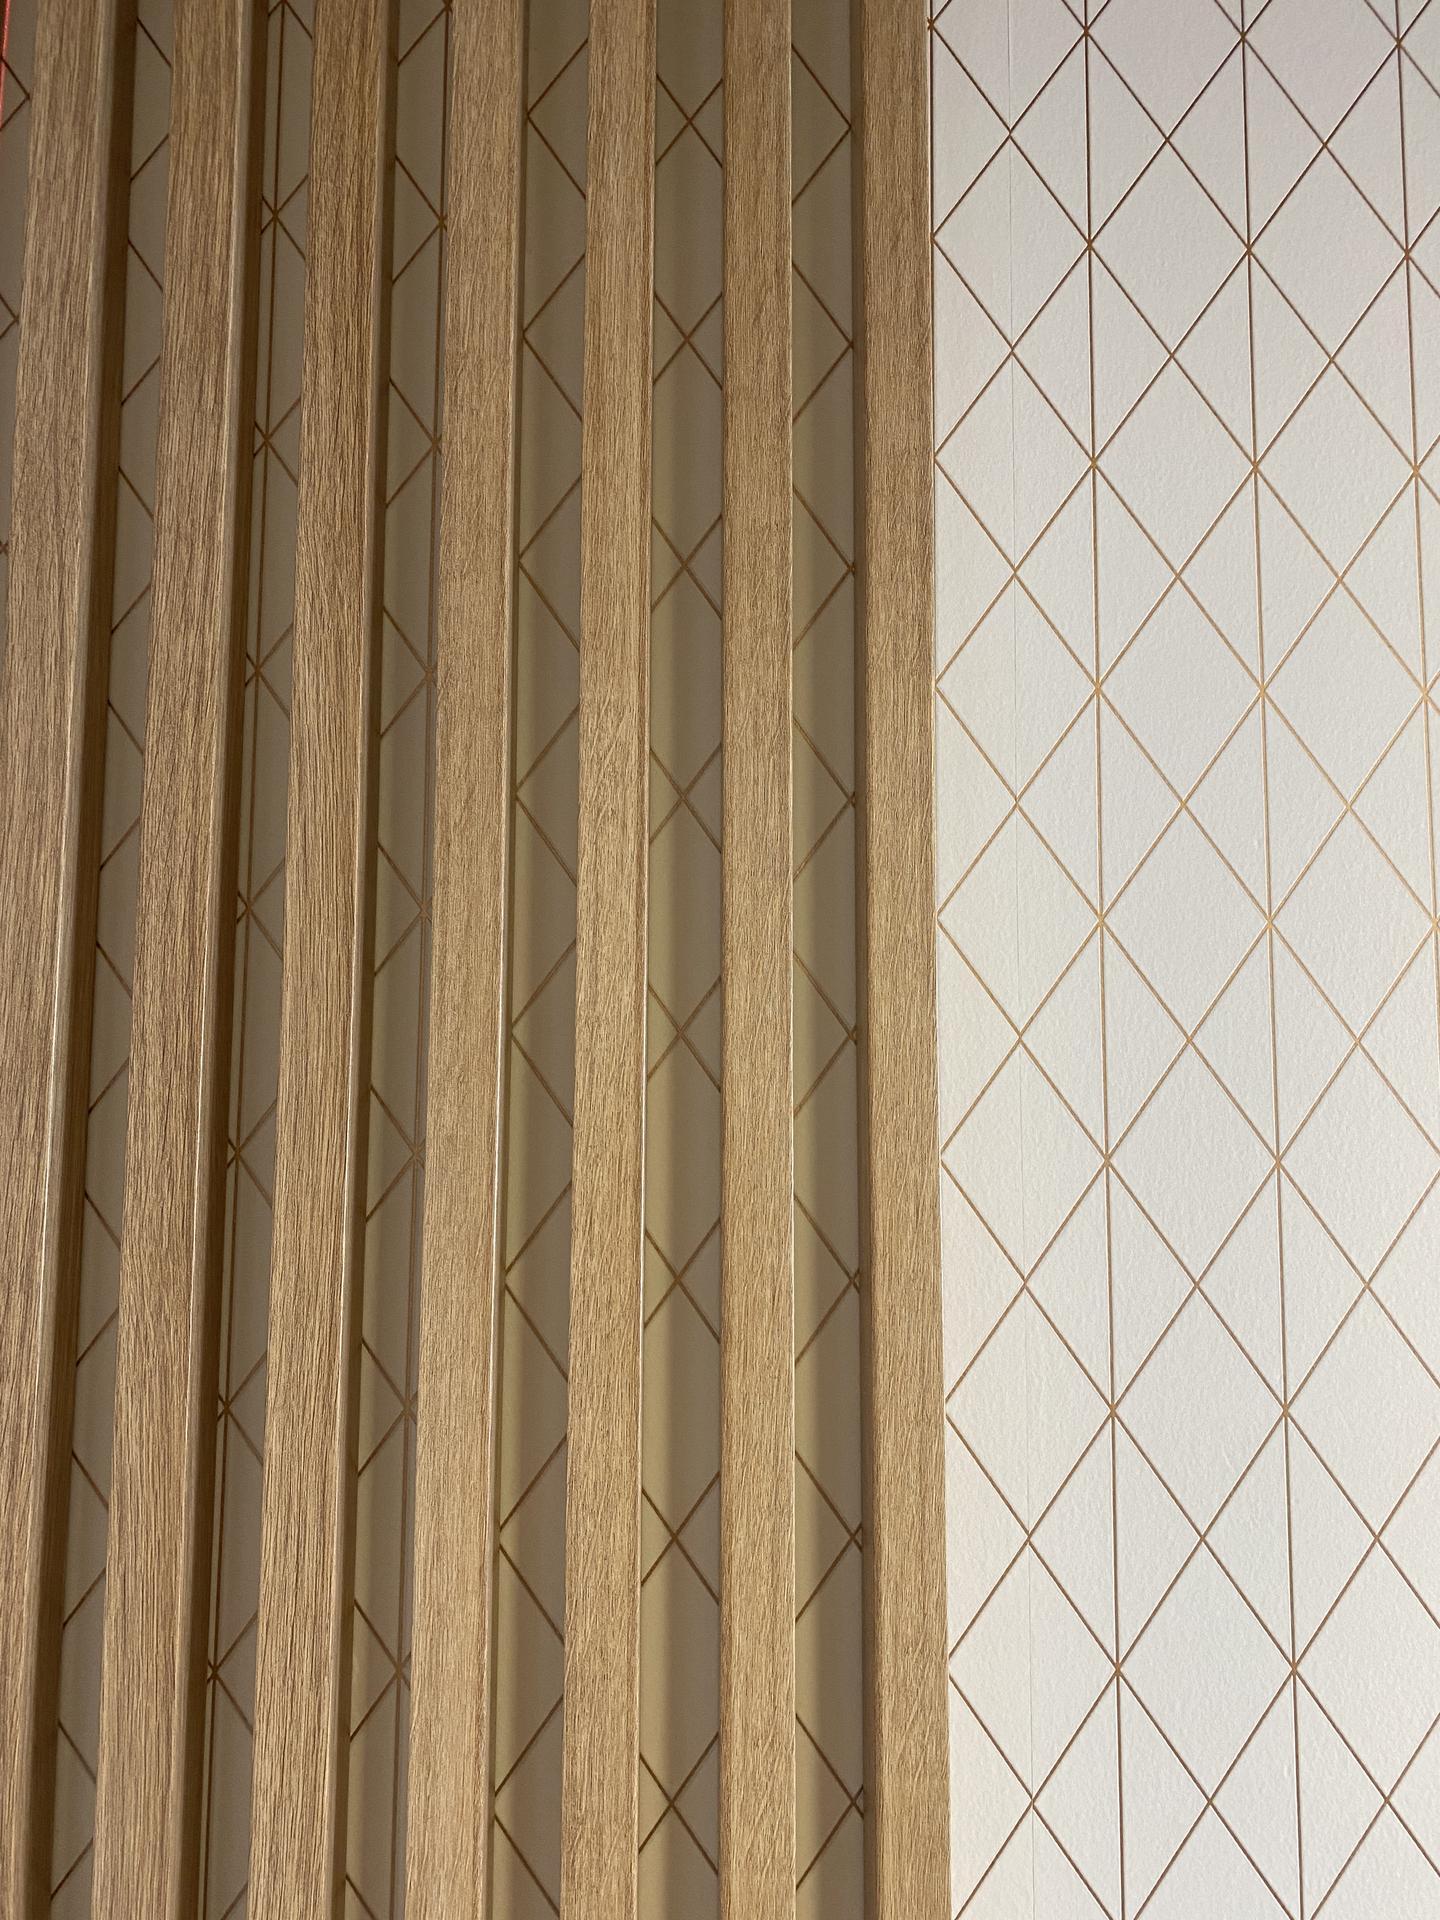 Lamelová stena Limbach - lamelová stena, lamelový strop, lamely na stenu, lamelový obklad, stenové lamely, montáž lamely, samostatné lamely, dubové lamely, interiérové stenové lamely 13